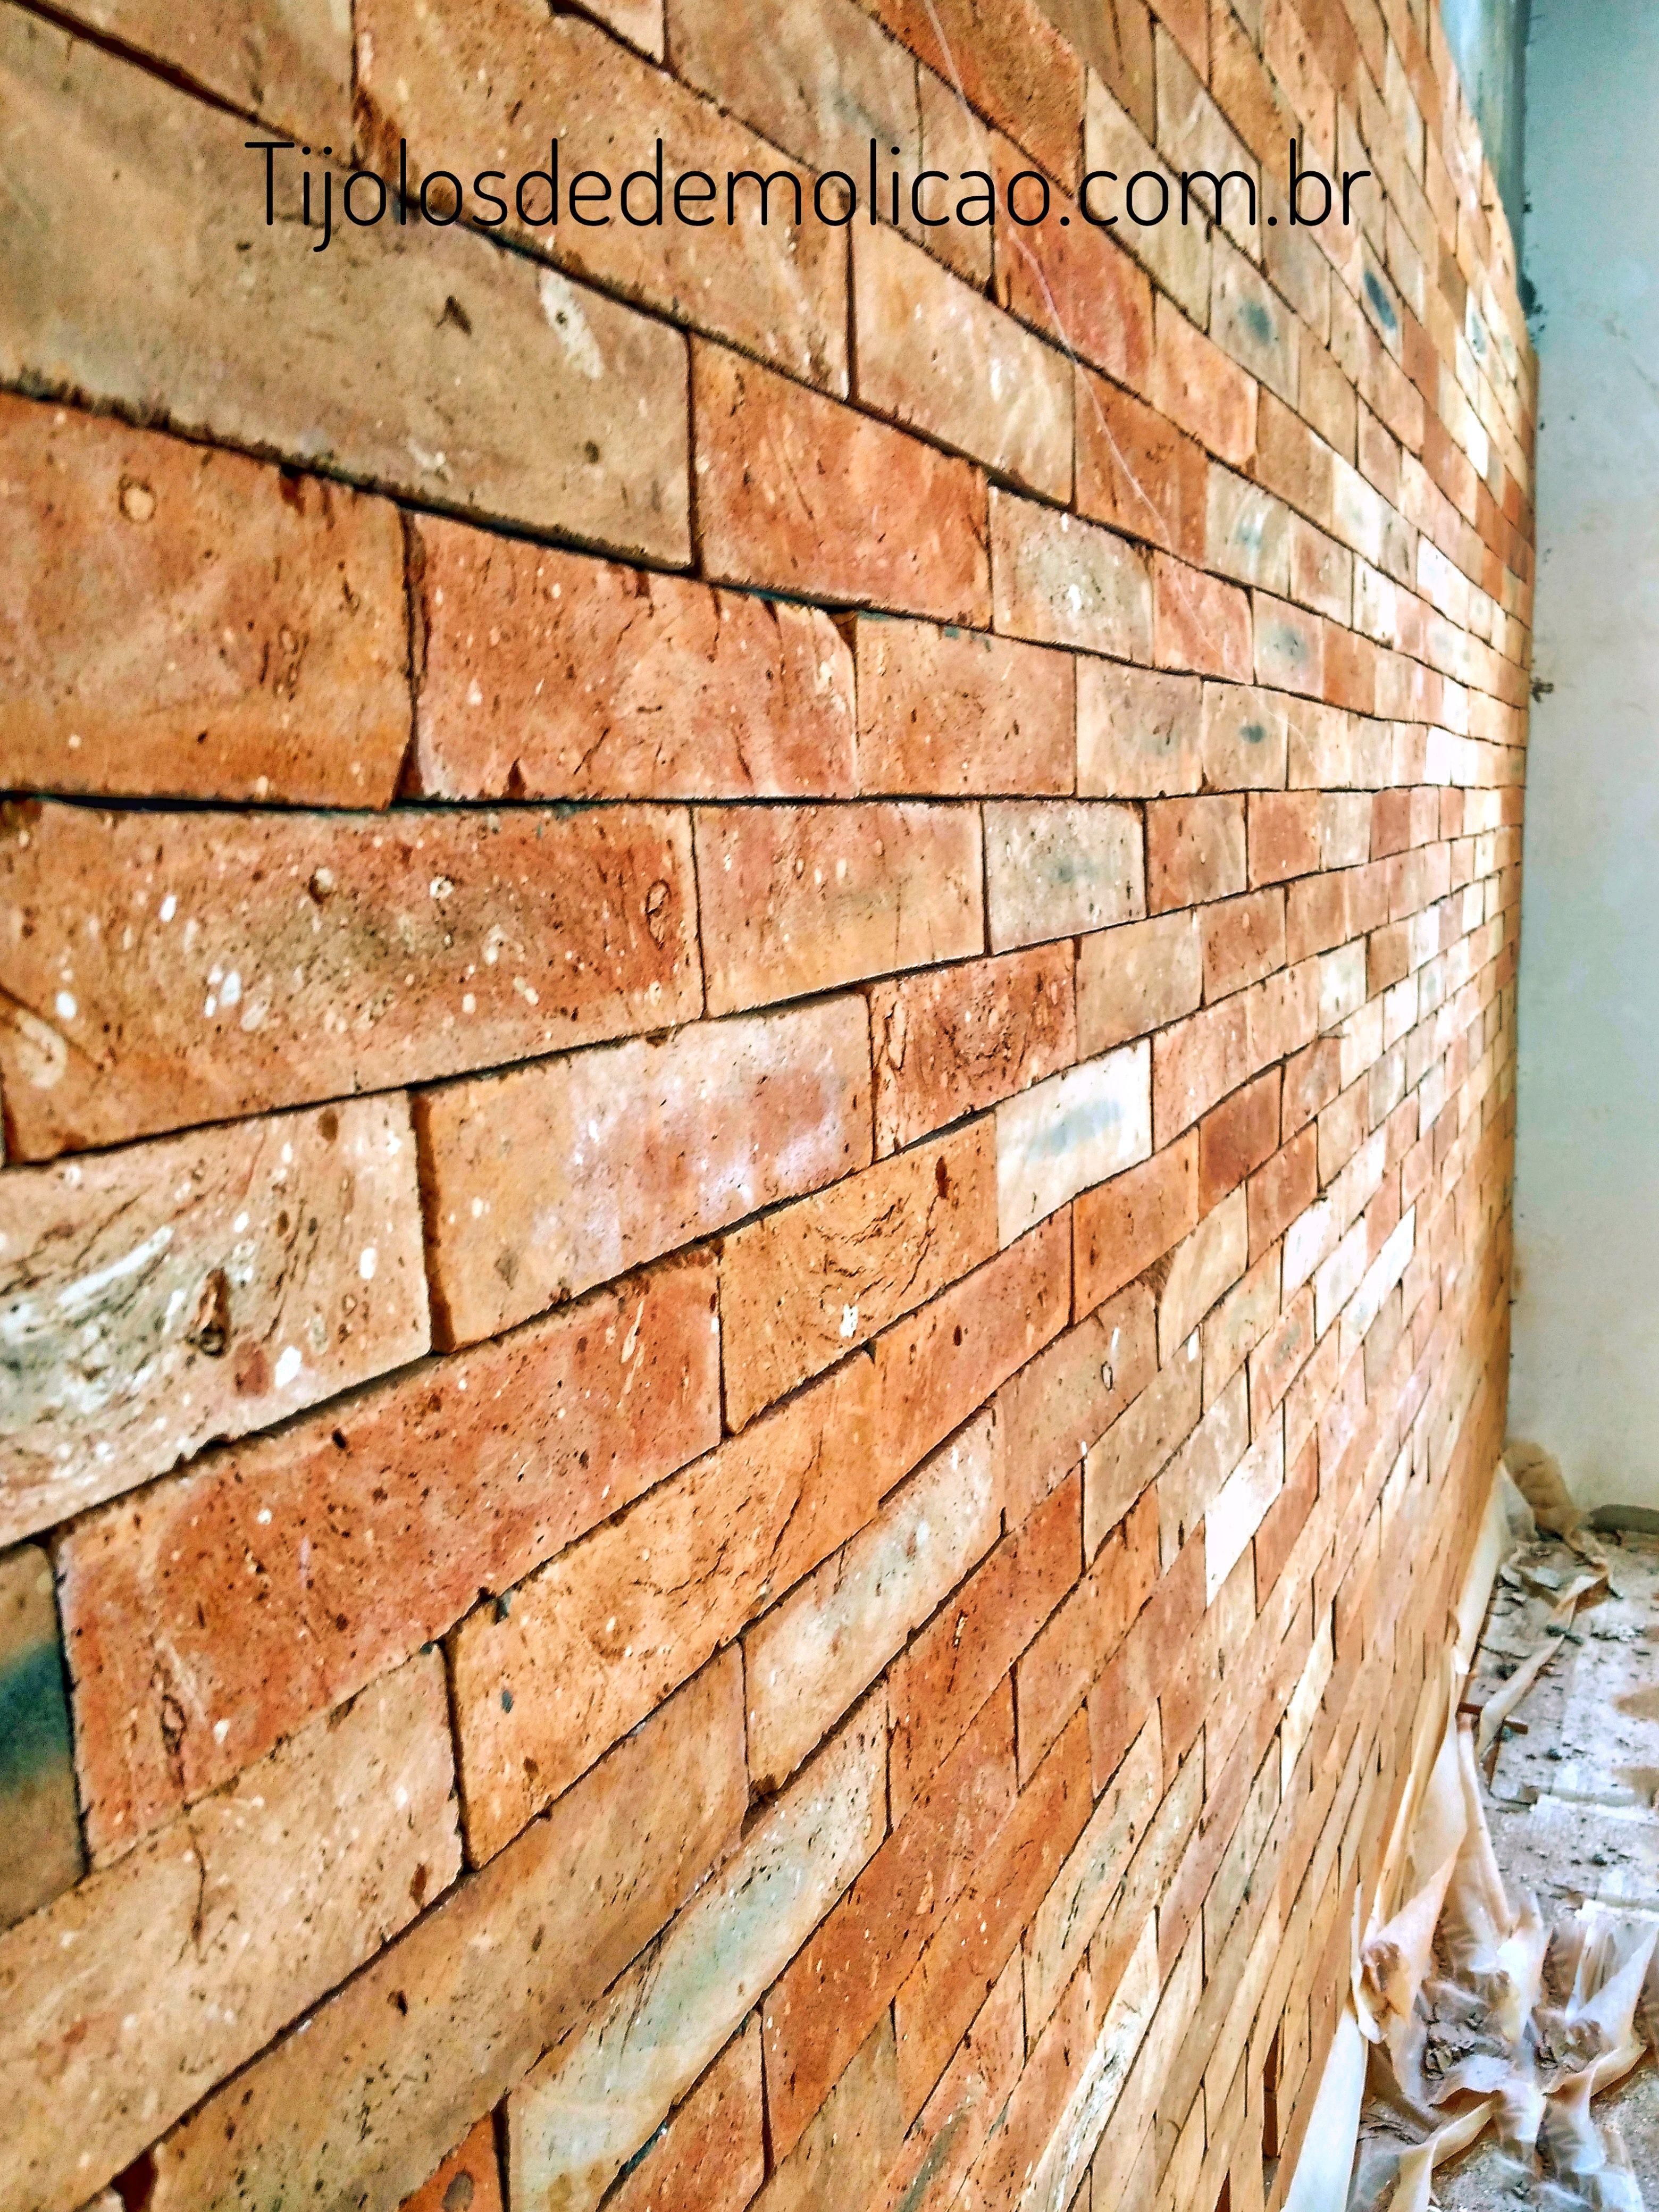 66ffc870c  tijolo  tijolodedemolição  tijolinho  sustentabilidade  tijolodedemolicao   tijoloaparente  plaqueta  plaquetarustica